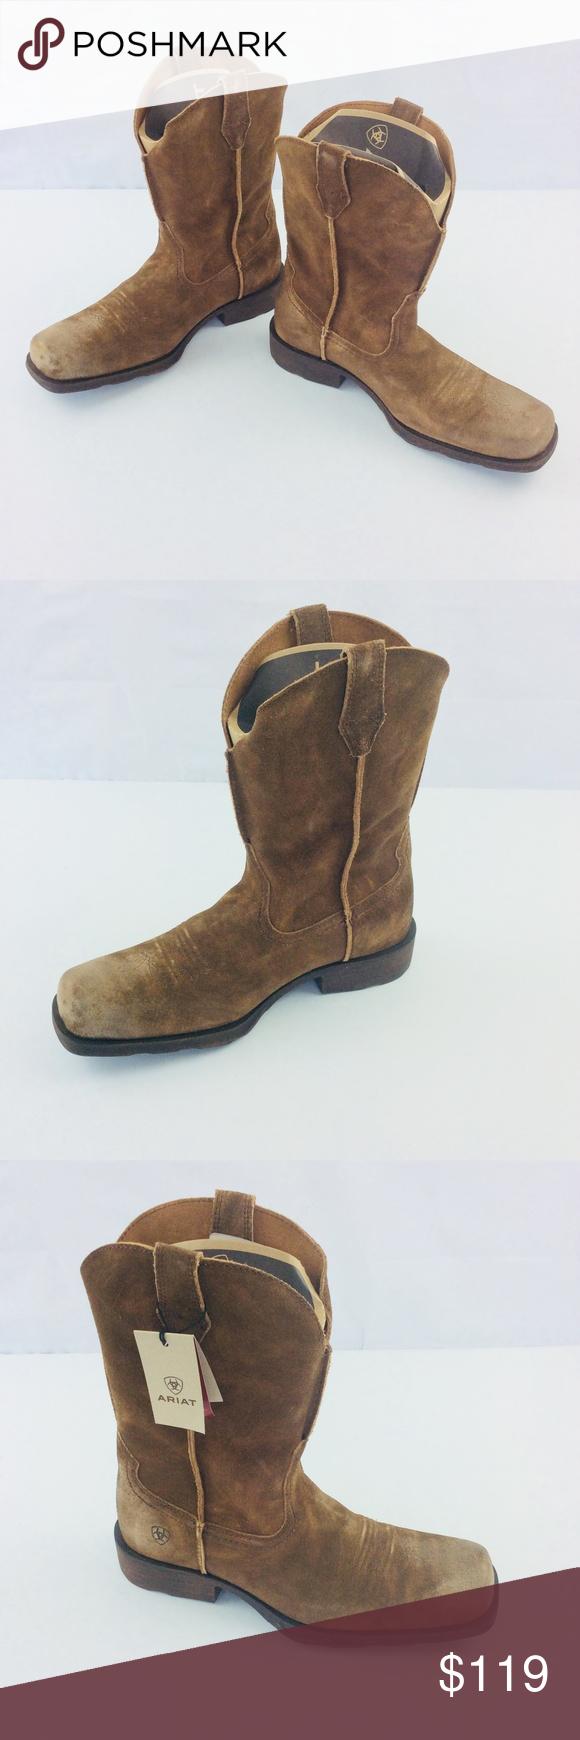 d0649dc9f3b Mens Ariat Urban Rambler Mens Cowboy Boot 11D NEW New in box men's ...